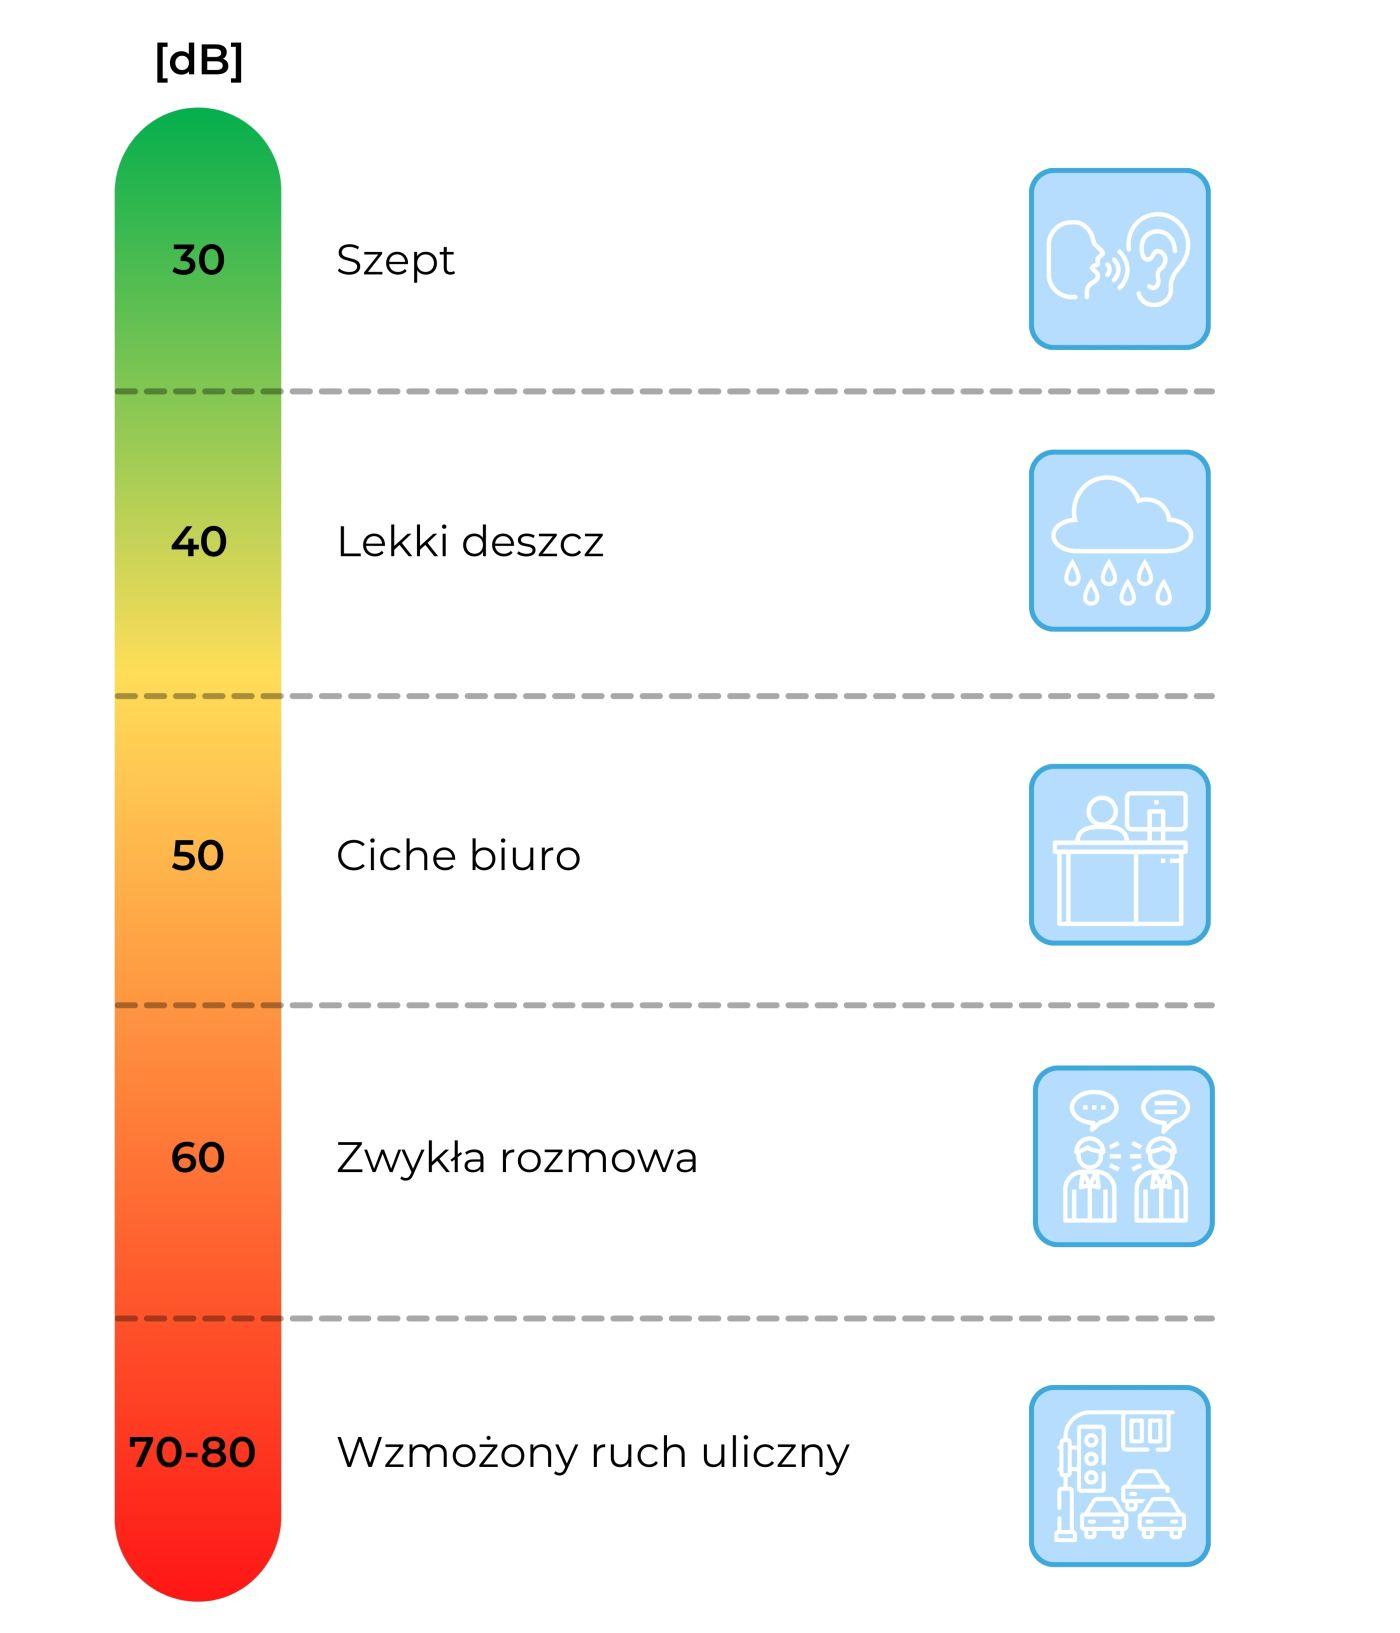 Poziomy decybeli i głośności a odpowiadające im sytuacje (przykłady) - Infografika